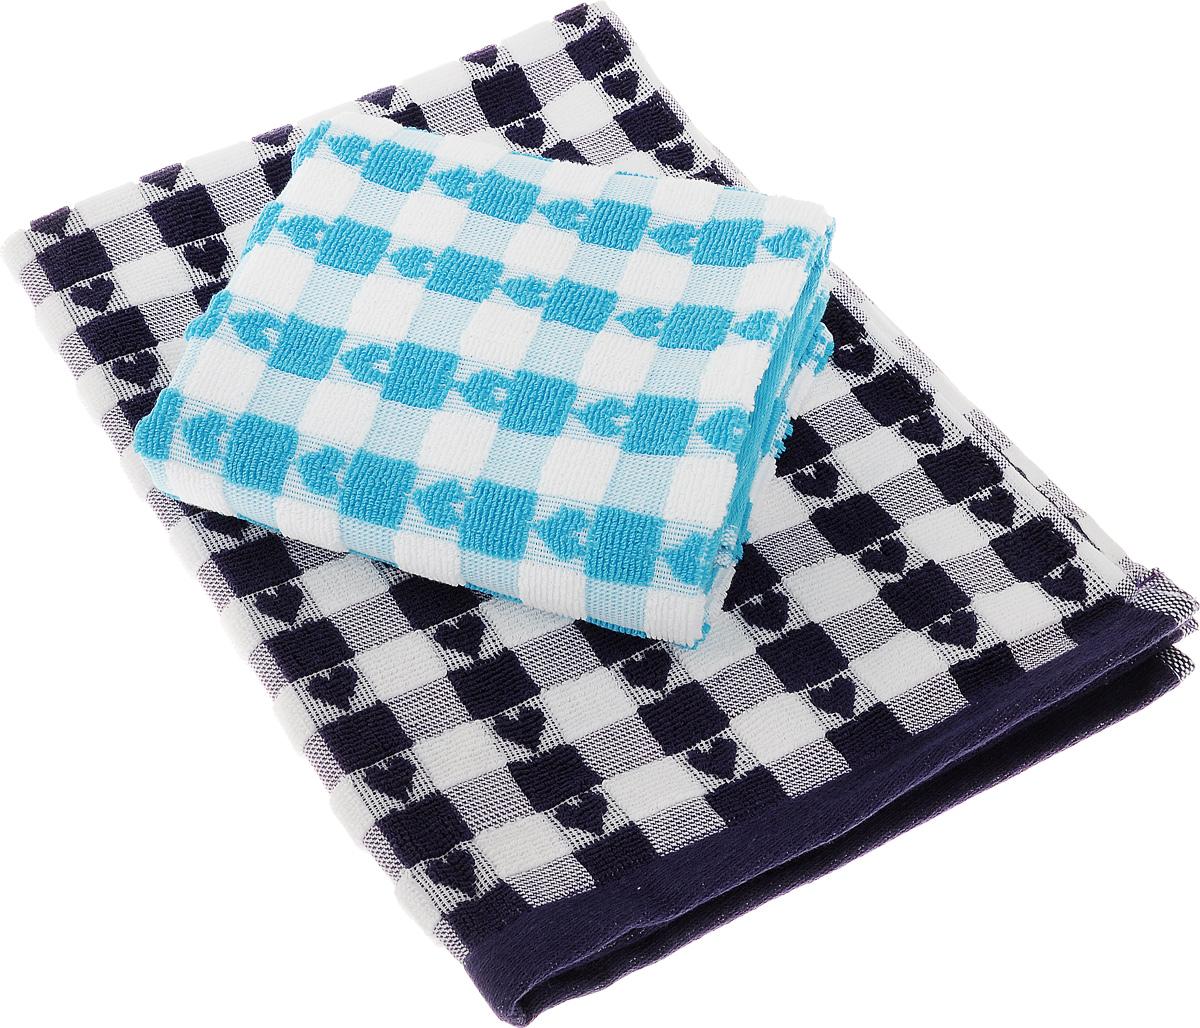 Набор кухонных полотенец Toalla Сердечки, цвет: фиолетовый, голубой, 50 x 70 см, 2 шт00000000064Набор Toalla Сердечки состоит из двух прямоугольных полотенец, выполненных из 100% хлопка. Изделия предназначены для использования на кухне и в столовой. Набор полотенец Toalla Сердечки - отличное приобретение для каждой хозяйки. Комплектация: 2 шт.